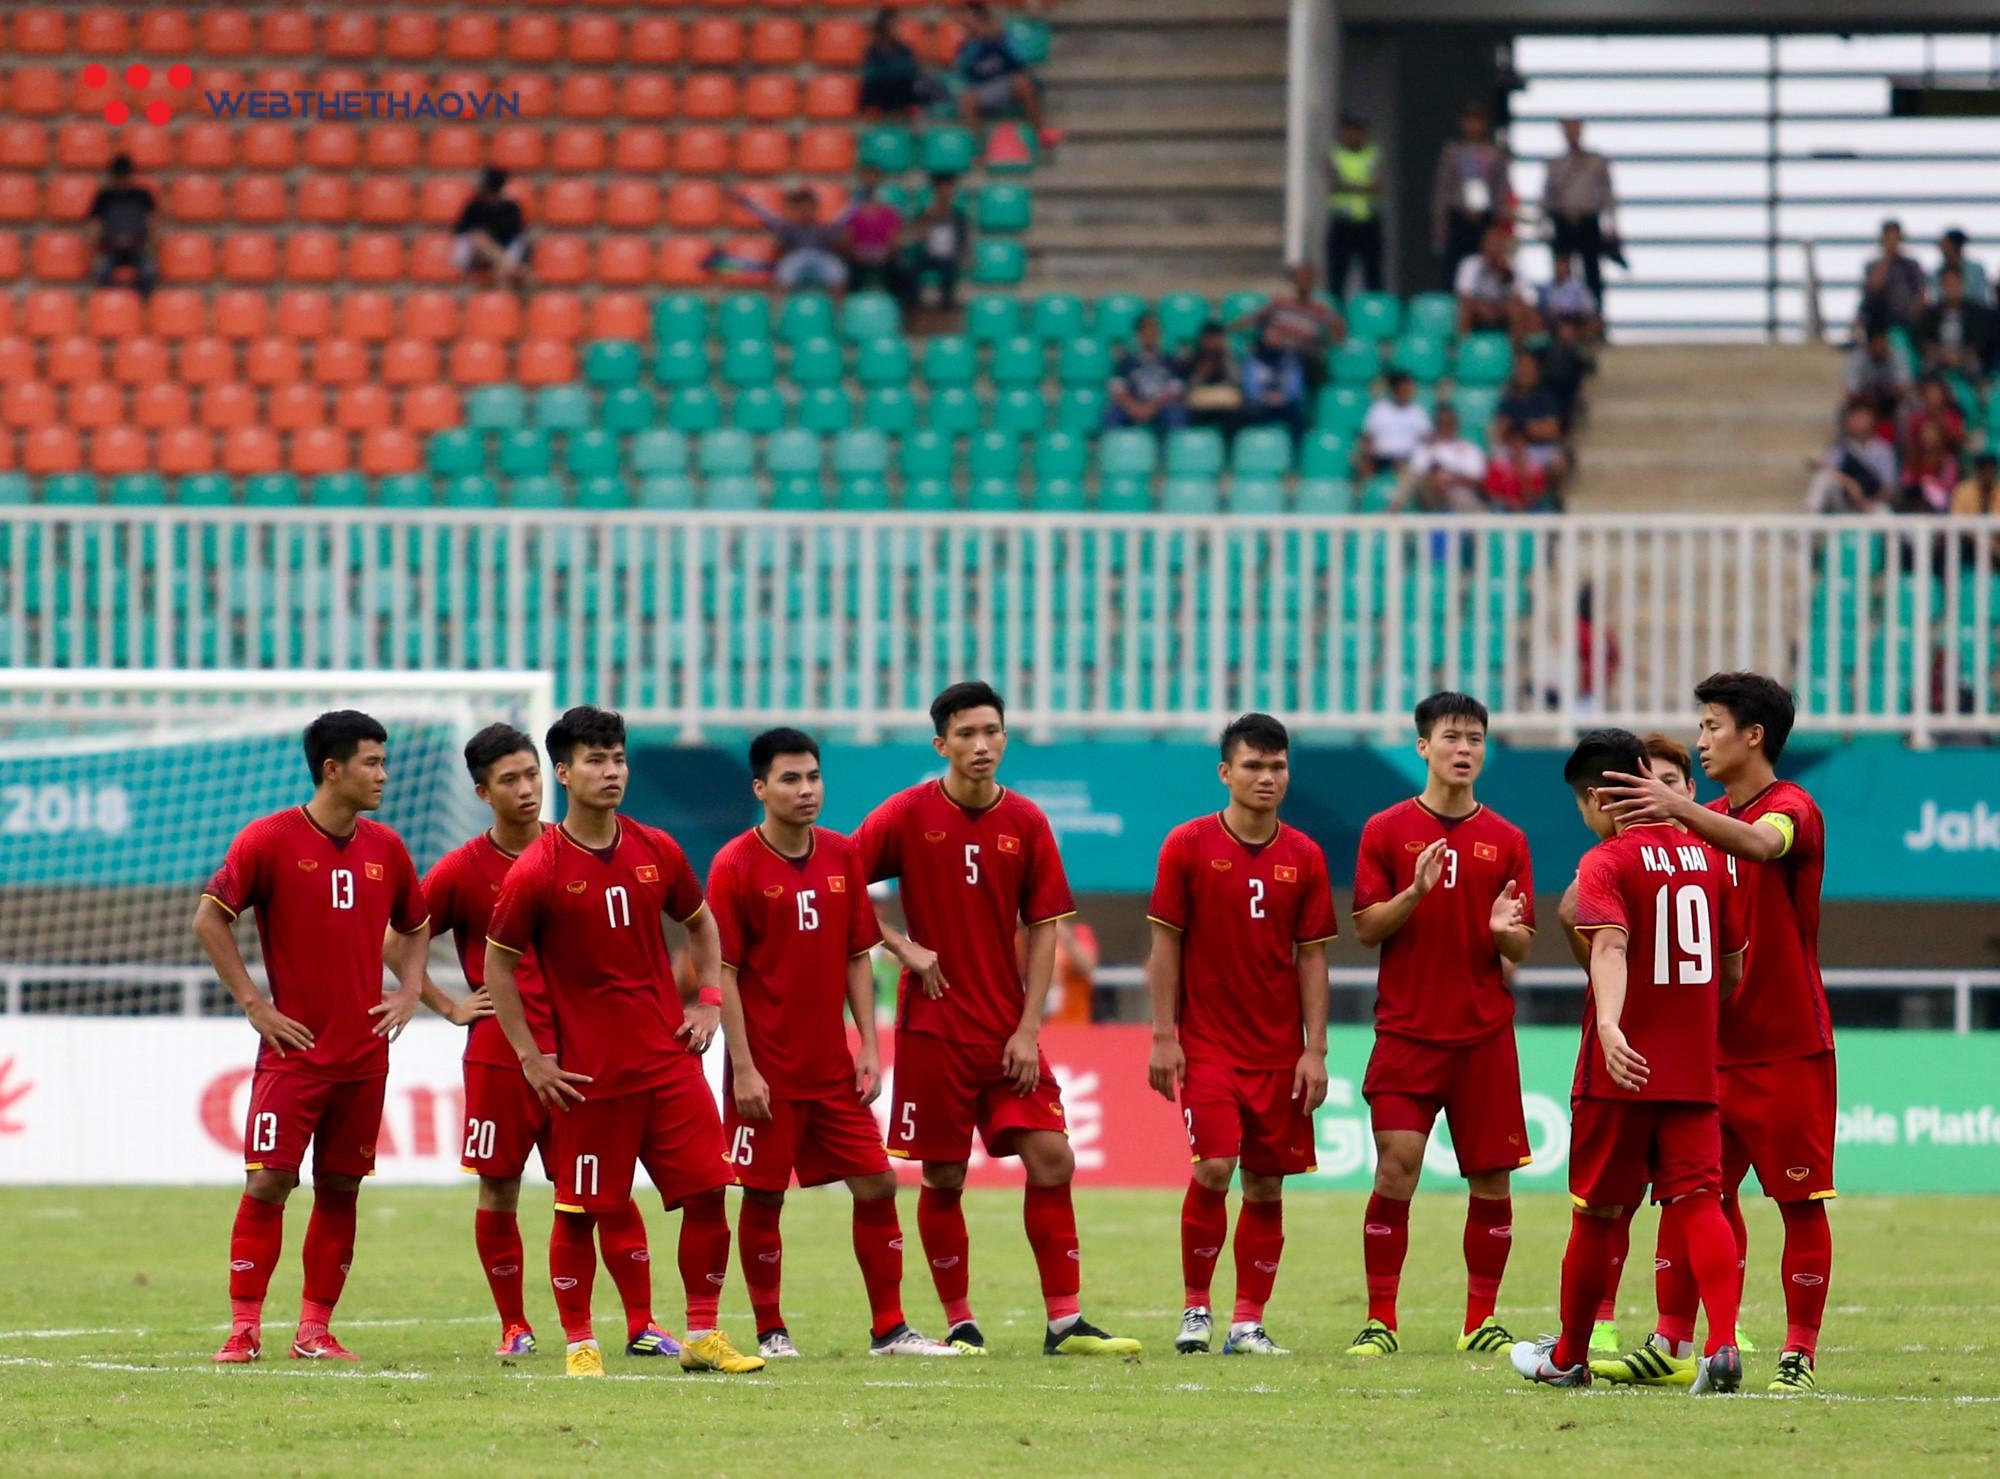 Văn Quyết tập tễnh, Văn Thanh phải nhờ đồng đội cõng sau chiều buồn tại Pakansari - Ảnh 2.